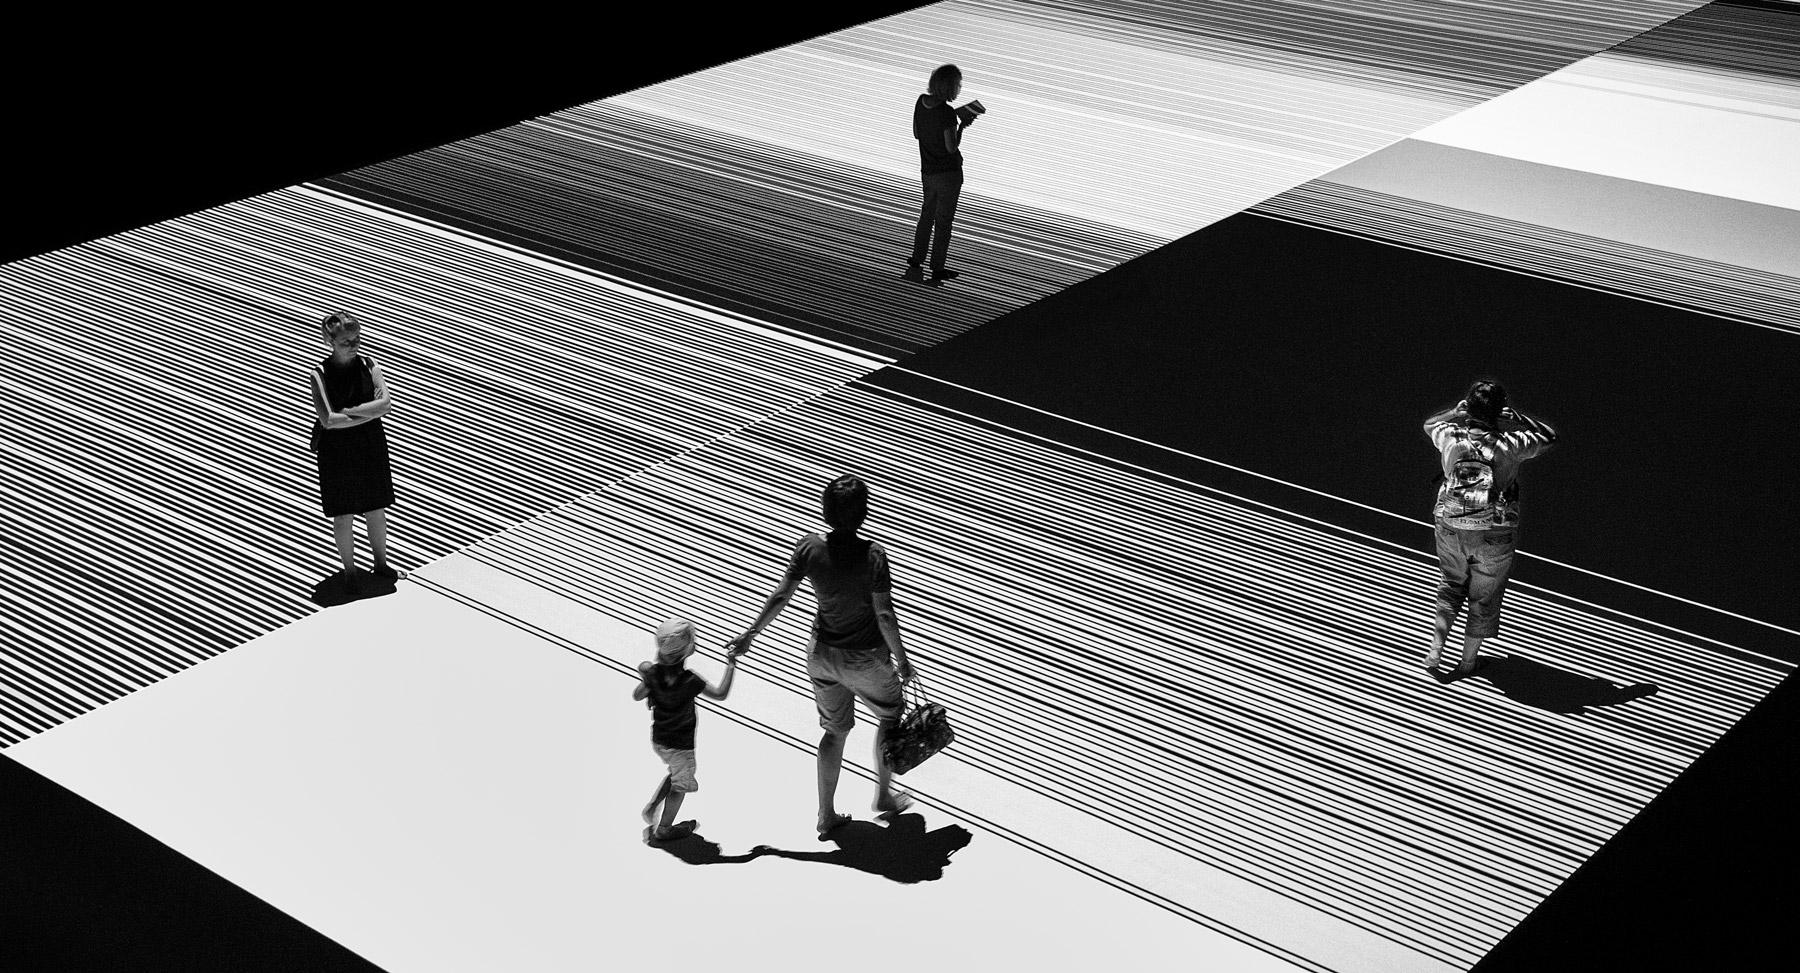 Fotowettbewerb Quer Platz 5 Hans Wichmann